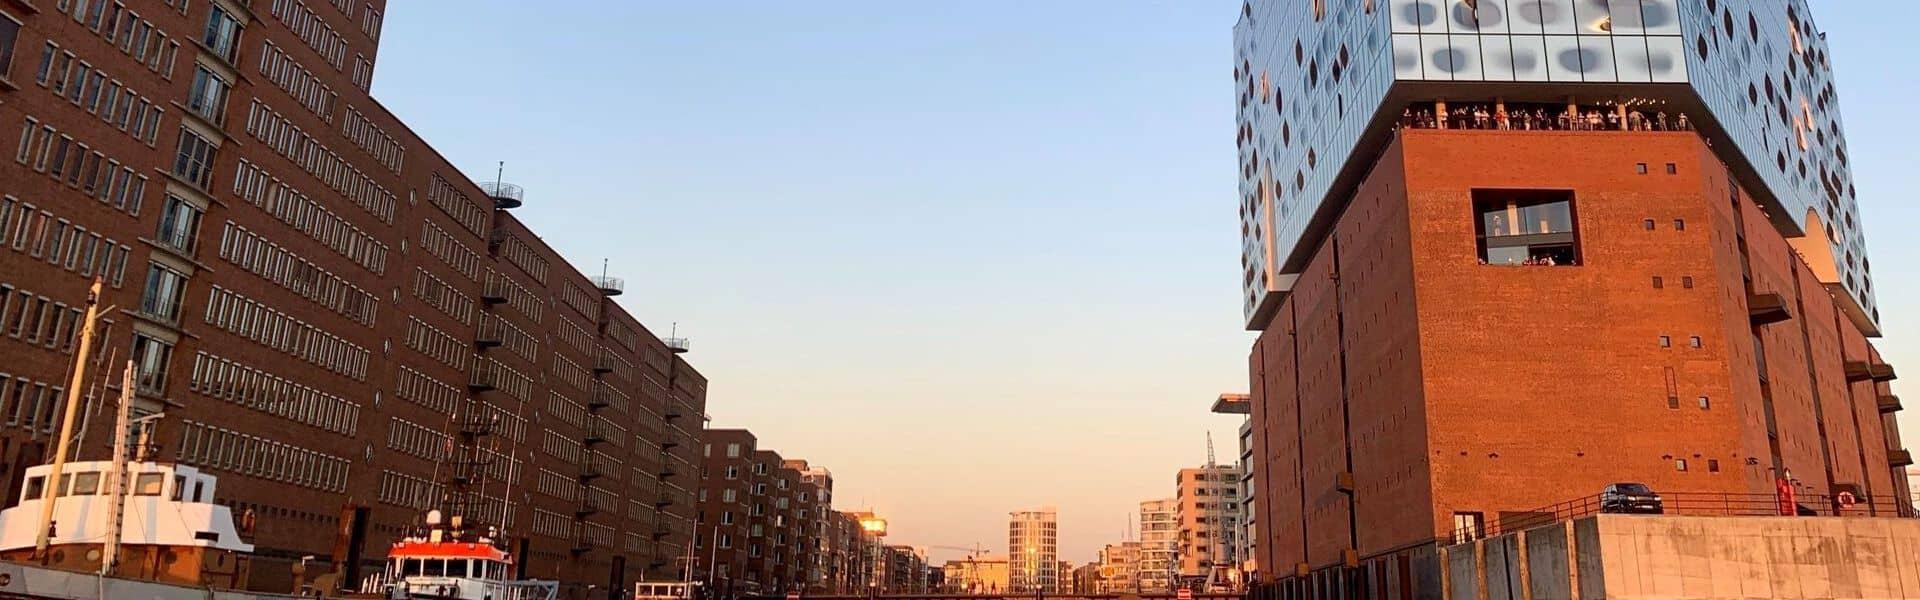 Elbphilharmonie im Hamburger Hafen mit blauem Himmel